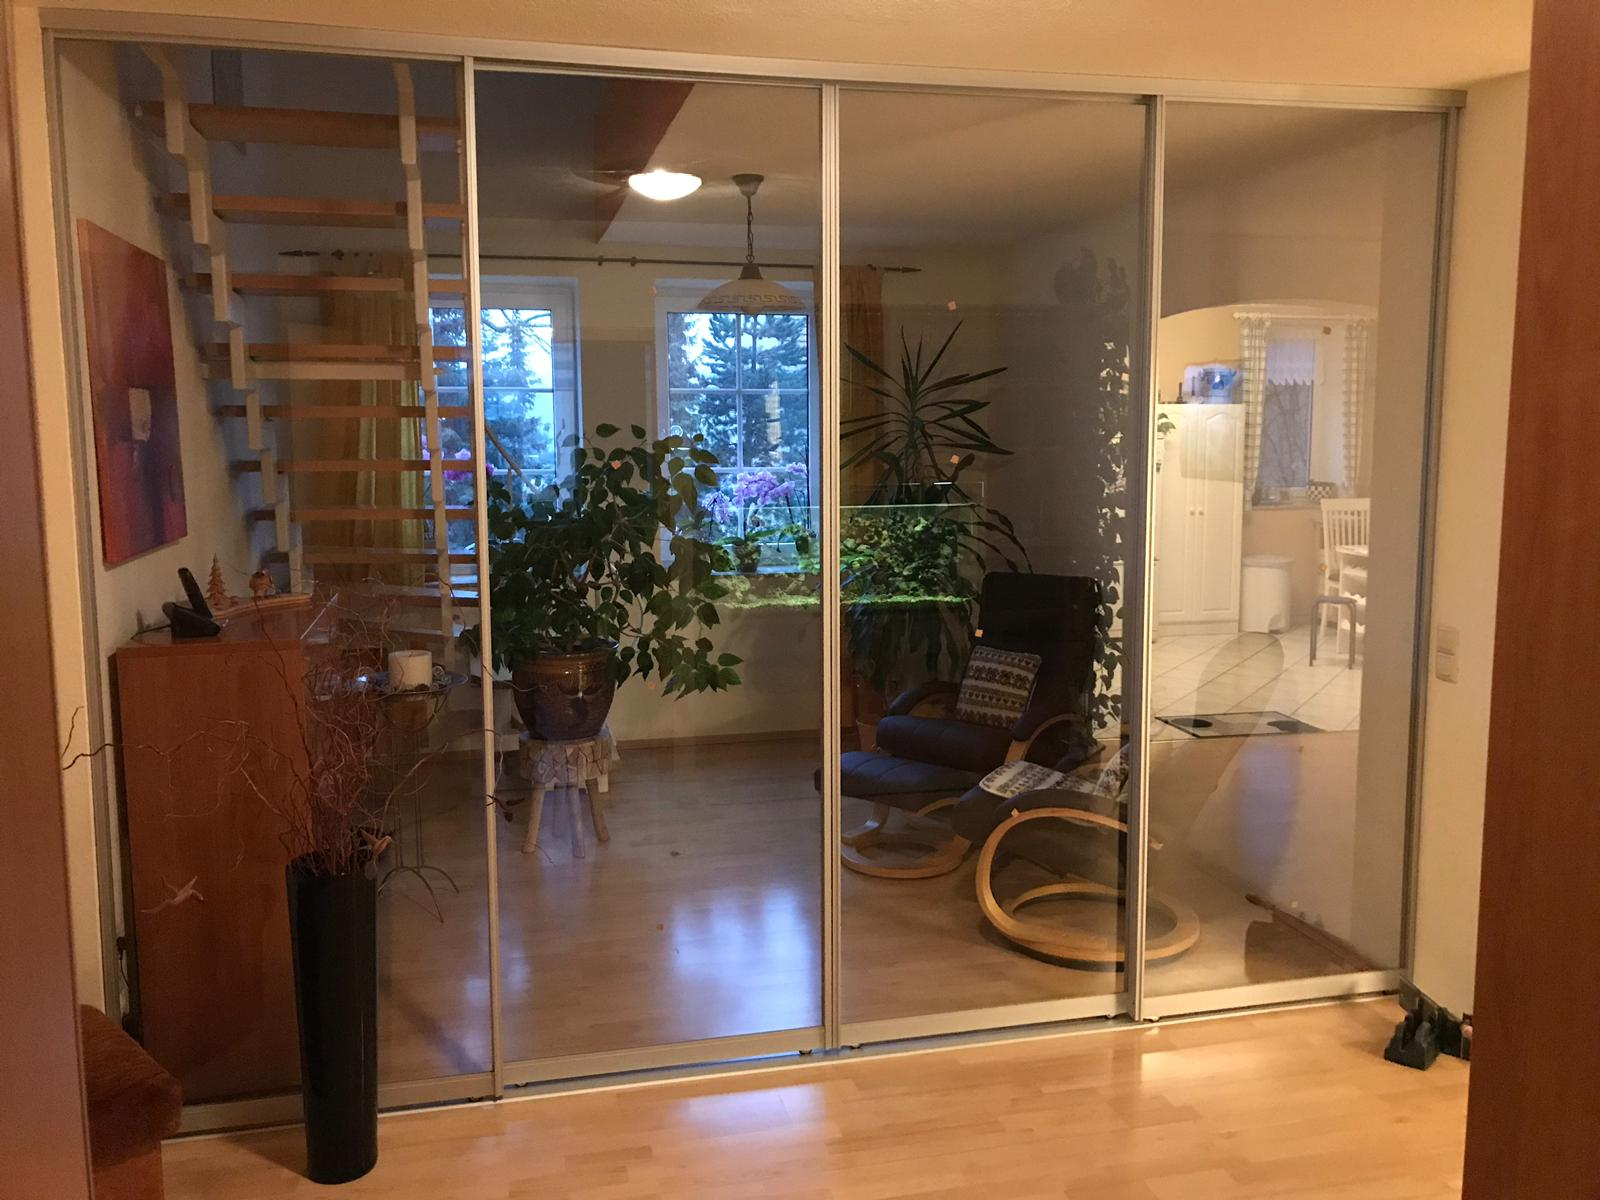 Holz- und Glas-Schiebetüren nach Maß | Raumteiler ...